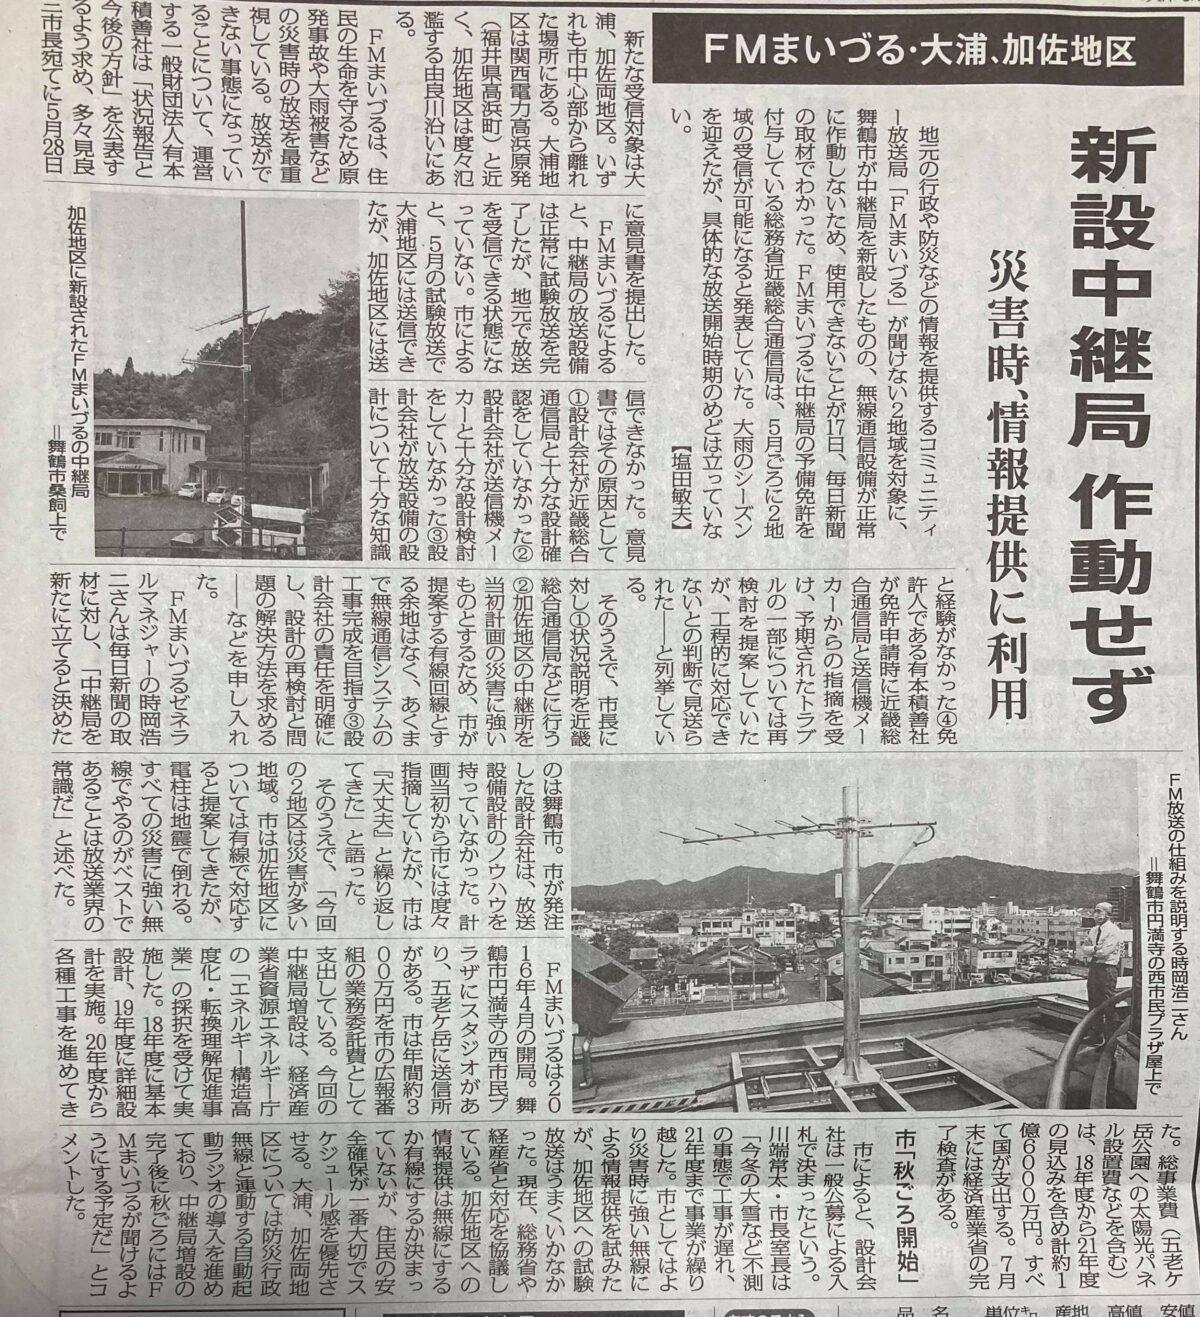 舞鶴市 防災用電波塔(FM舞鶴) 設計ミス事件 新聞報道まとめ